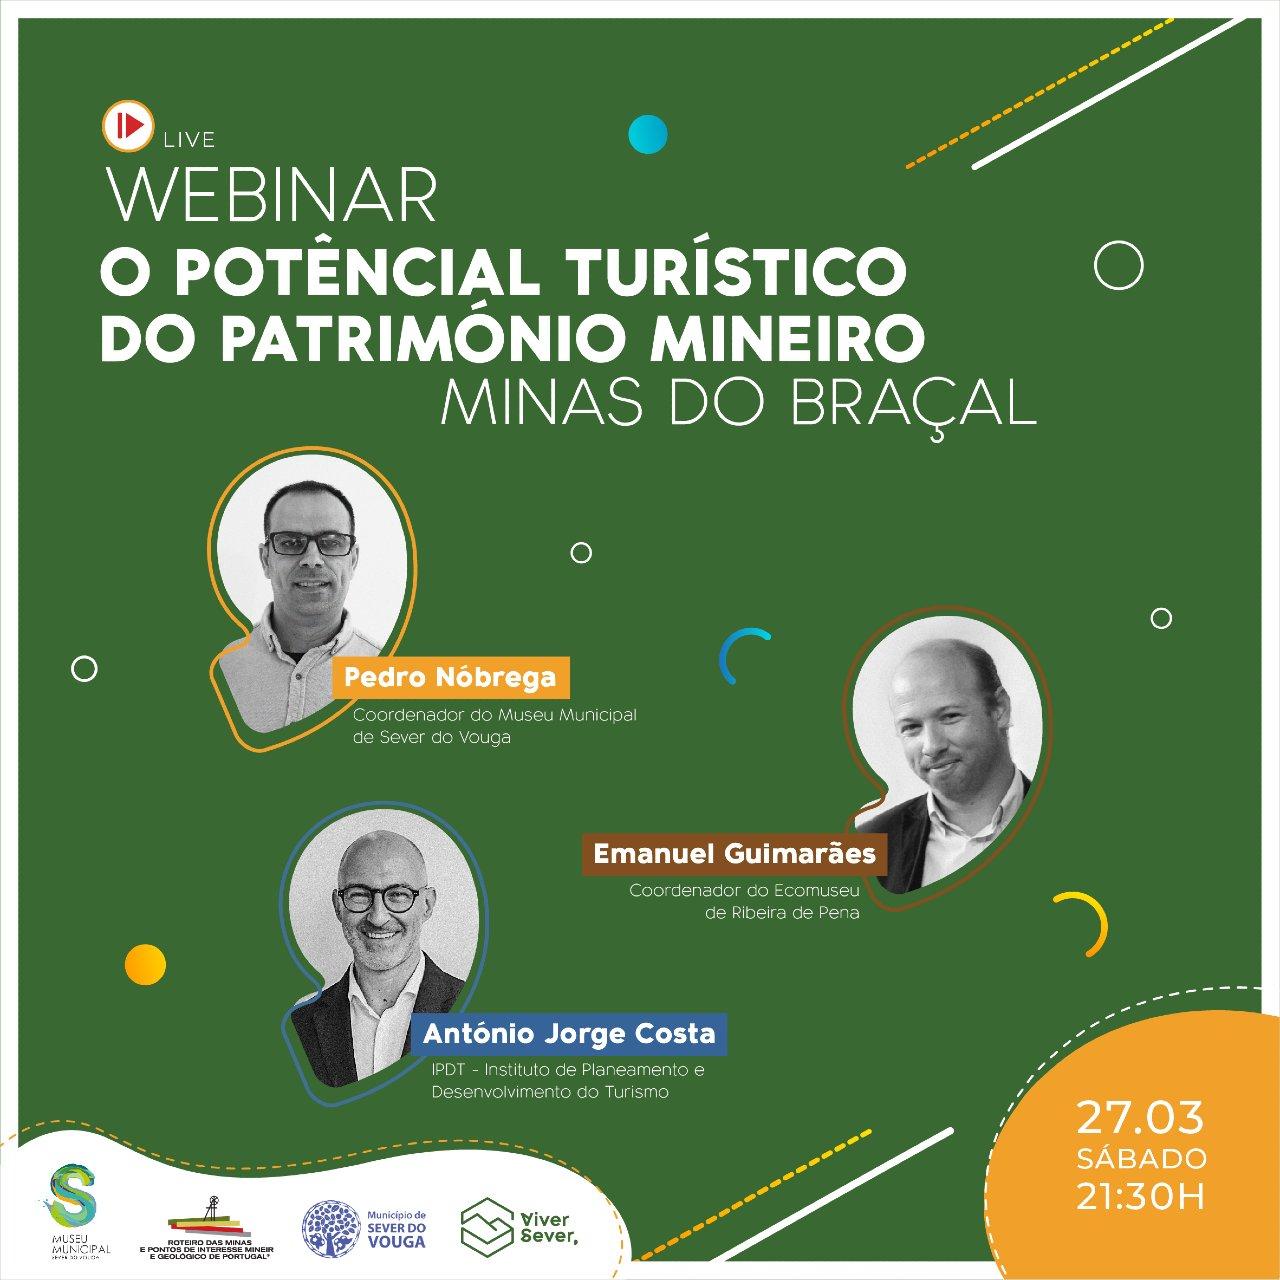 """Webinar deu o """"pontapé de saída"""" da adesão ao Roteiro das Minas e Pontos de Interesse Mineiro e Geológico de Portugal"""